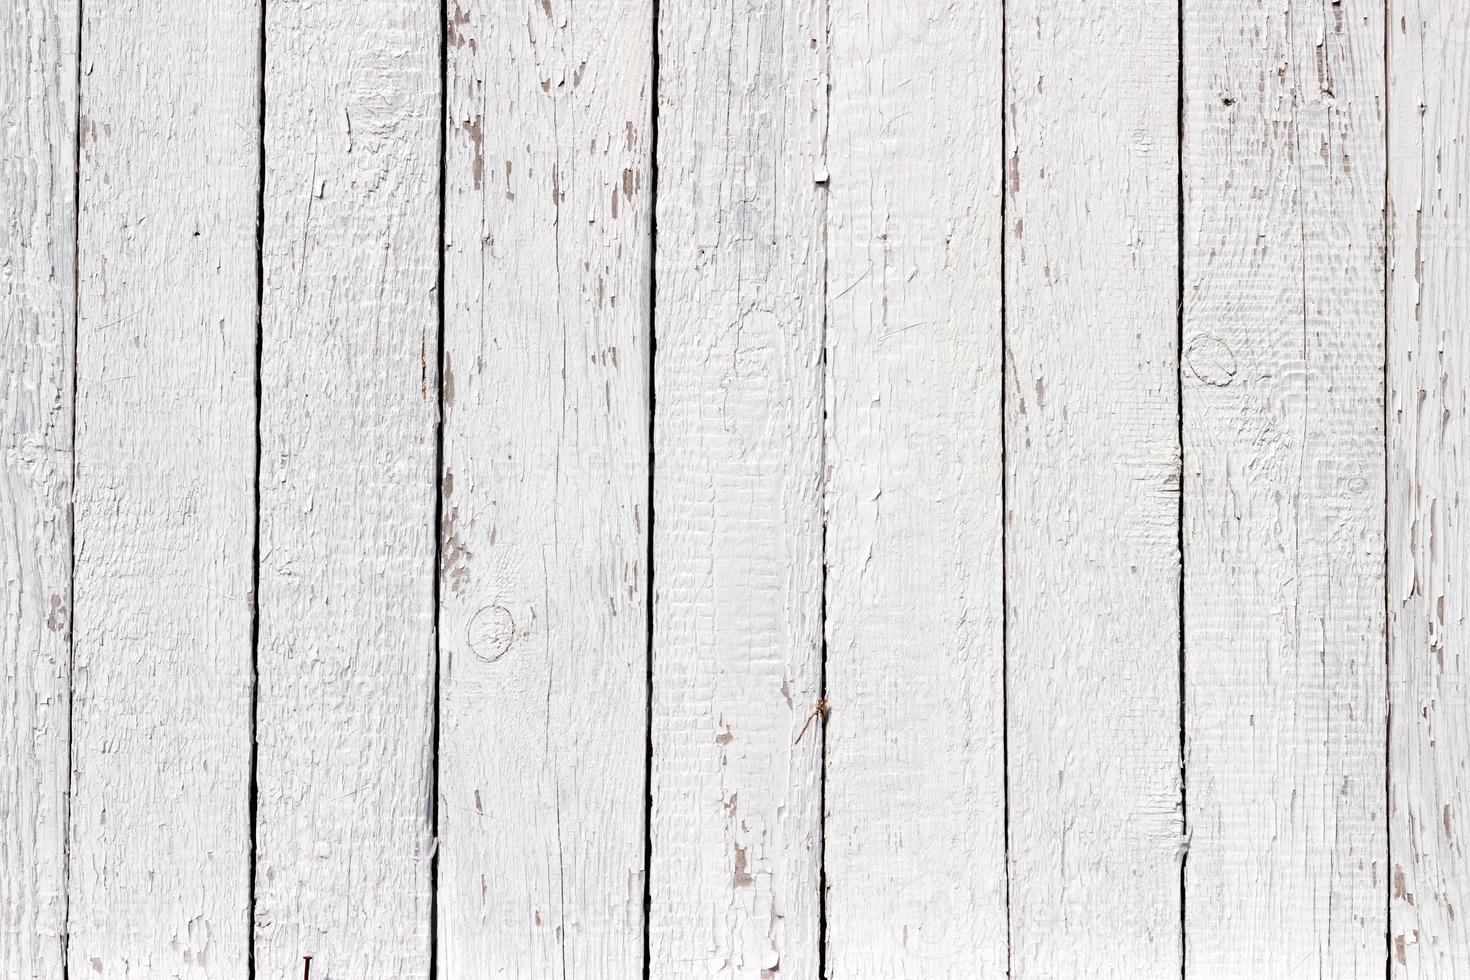 struttura di legno bianca con sfondo naturale modelli foto